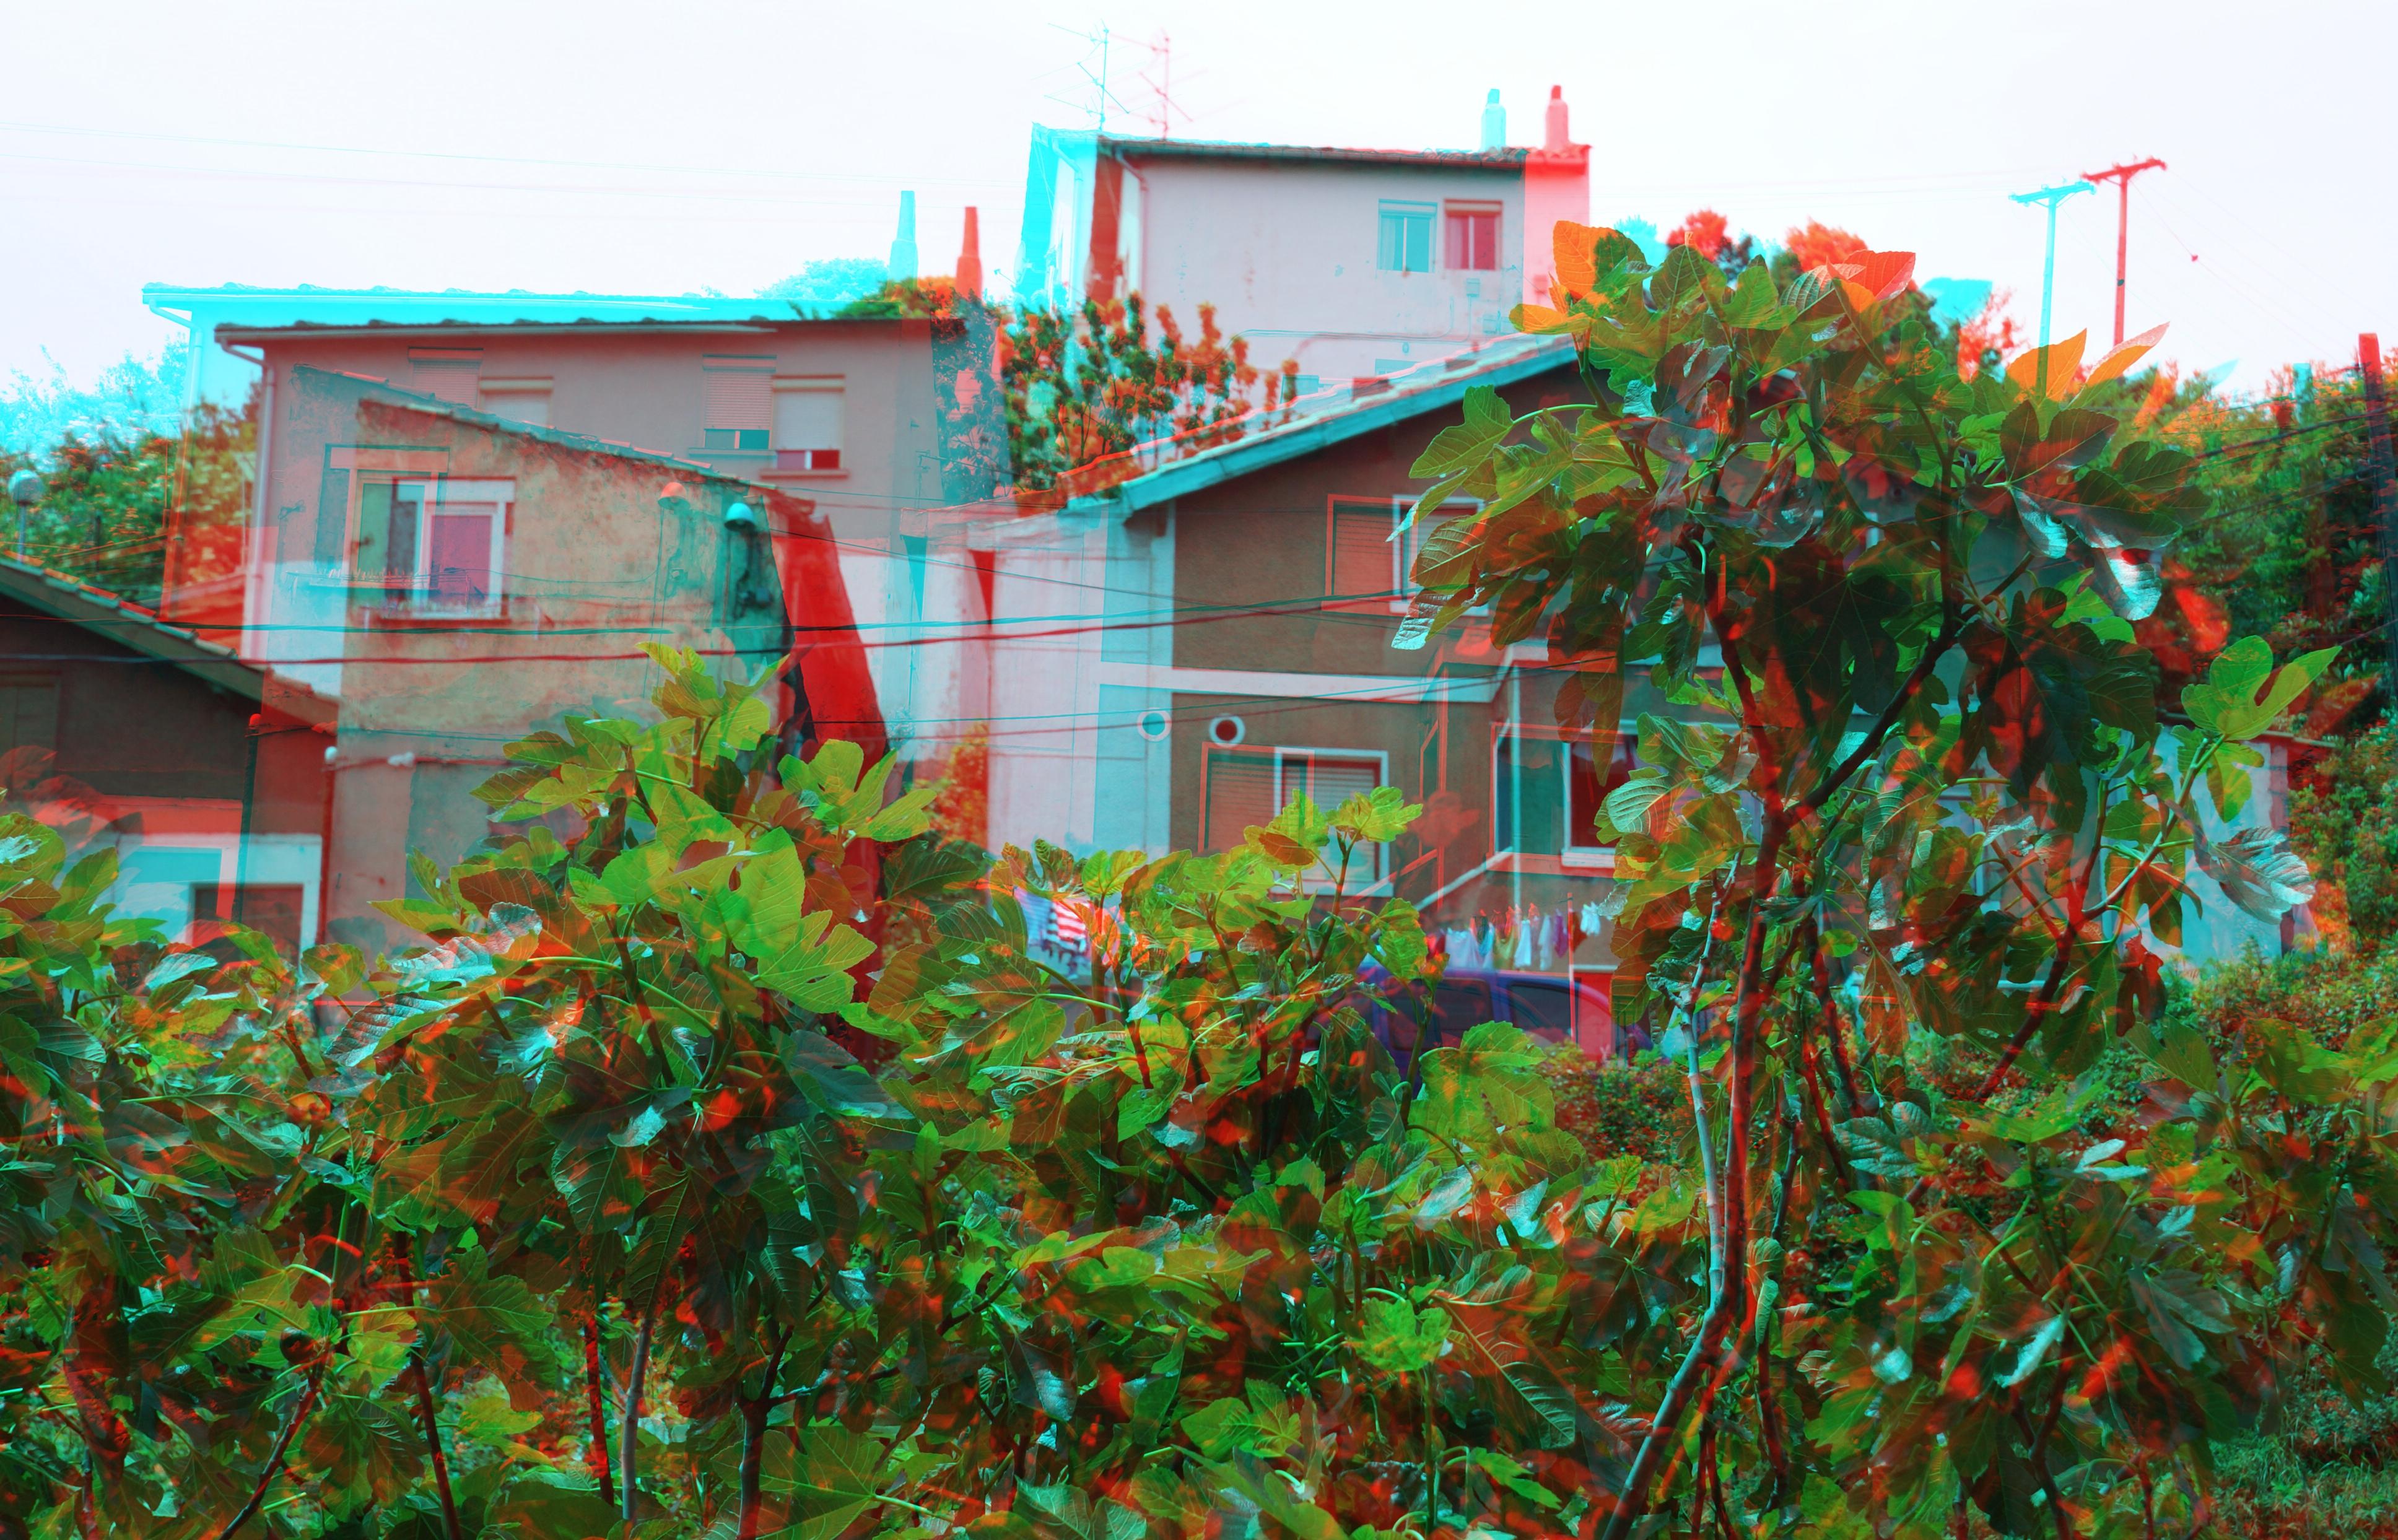 Casa en constructor diseno de casa 3d full - Diseno casa 3d ...